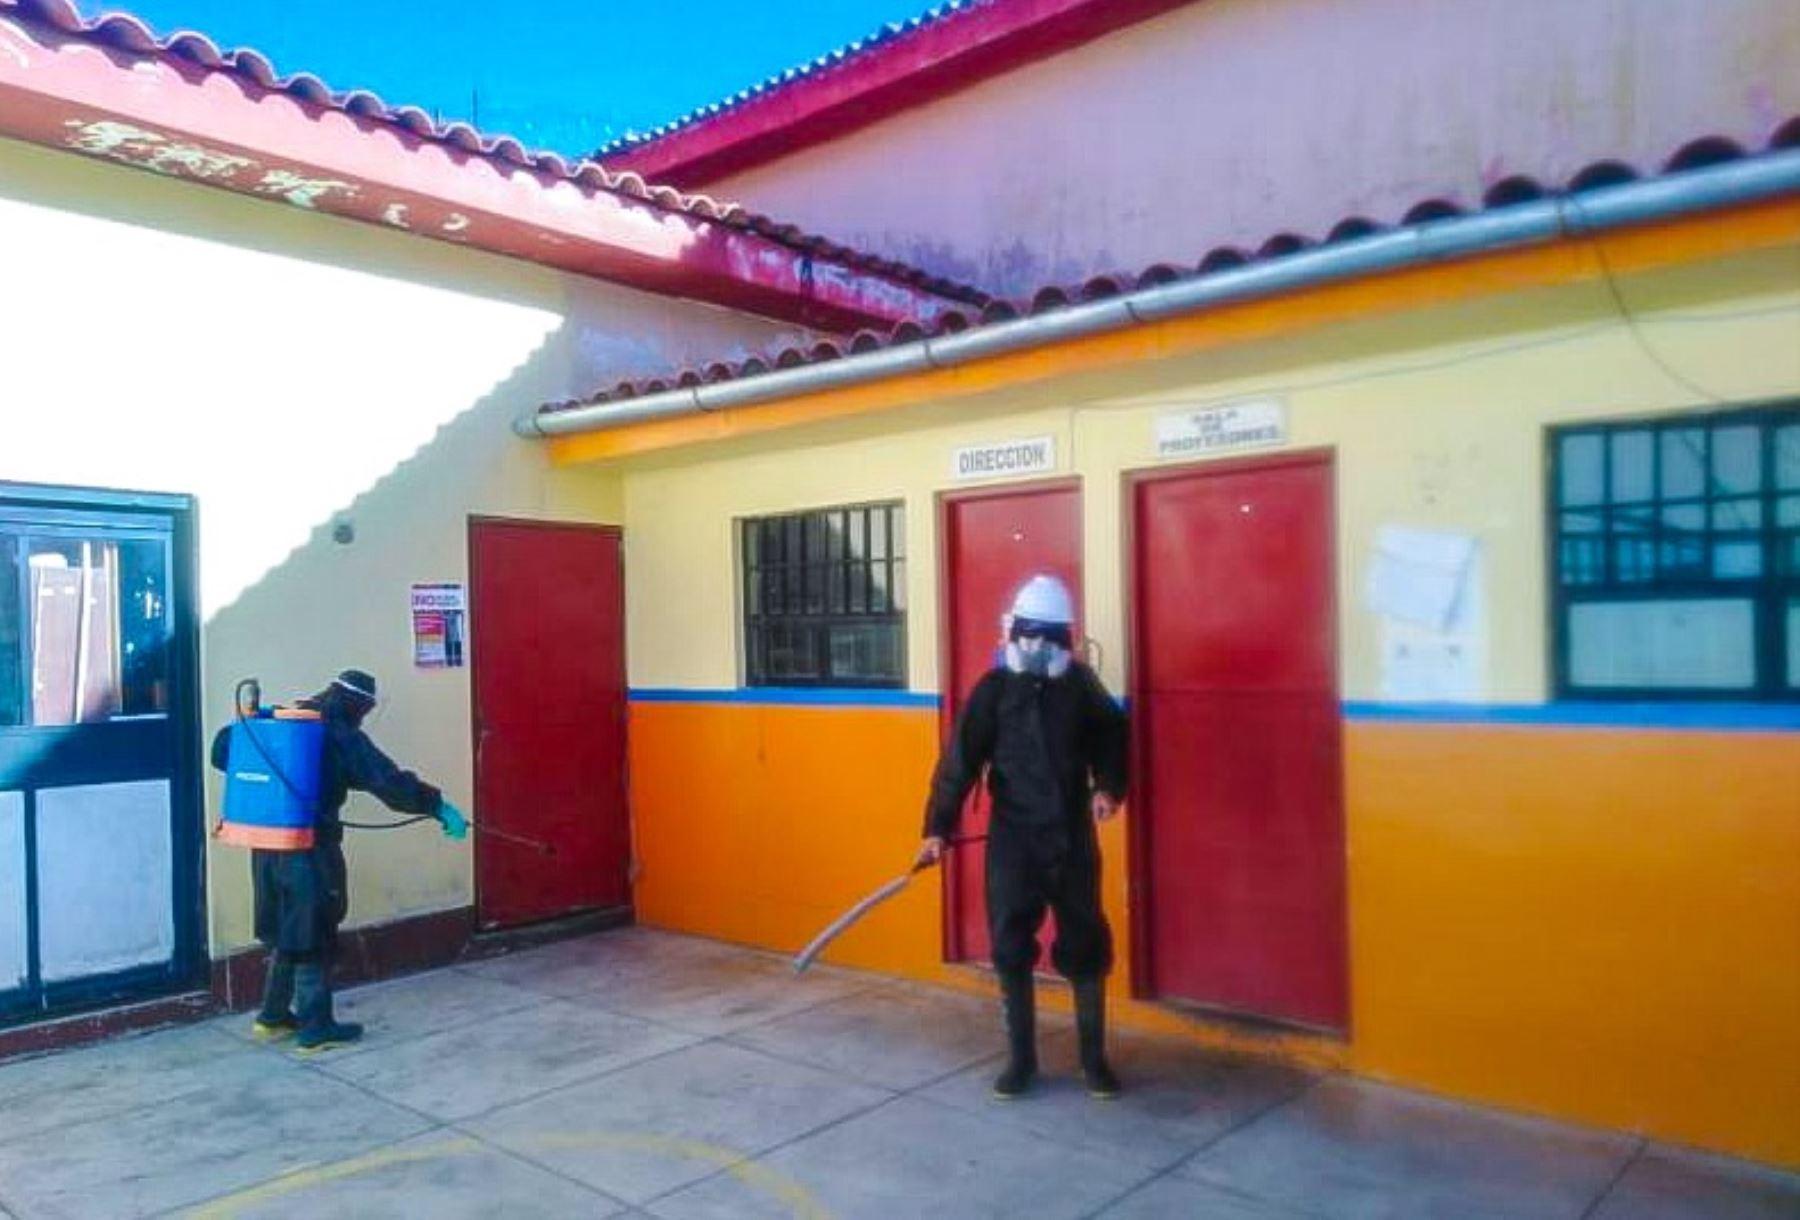 """Las autoridades del Establecimiento Penitenciario de Huaraz fortalecieron las acciones para enfrentar al nuevo coronavirus, dando cumplimiento al """"Plan de Acción Frente al Riesgo de Introducción de la Covid-19 en los penales del país"""", informó el Instituto Nacional Penitenciario (Inpe)."""